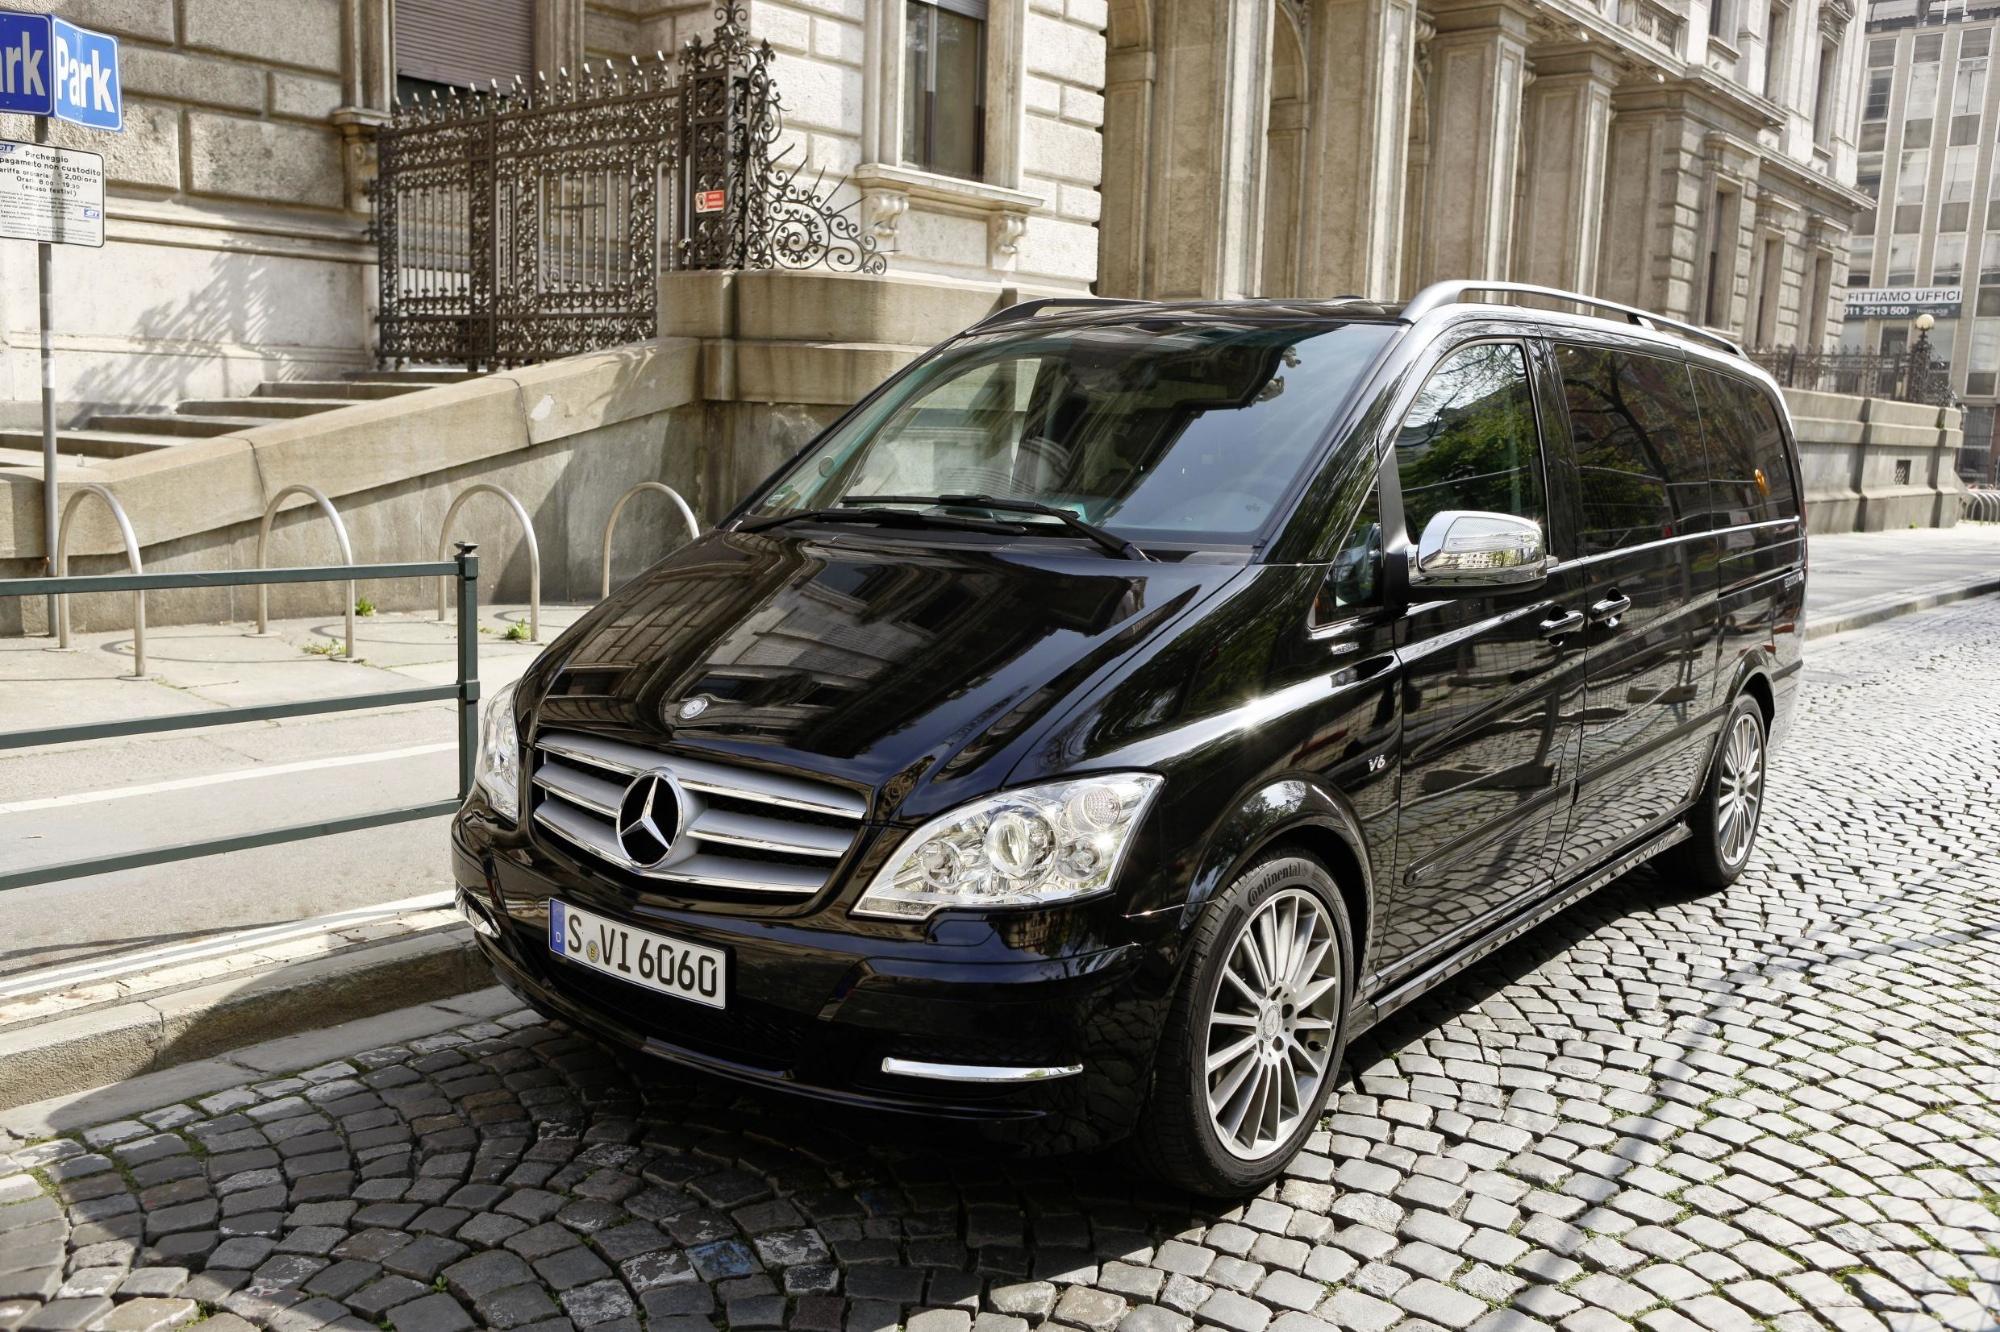 Mercedes viano van